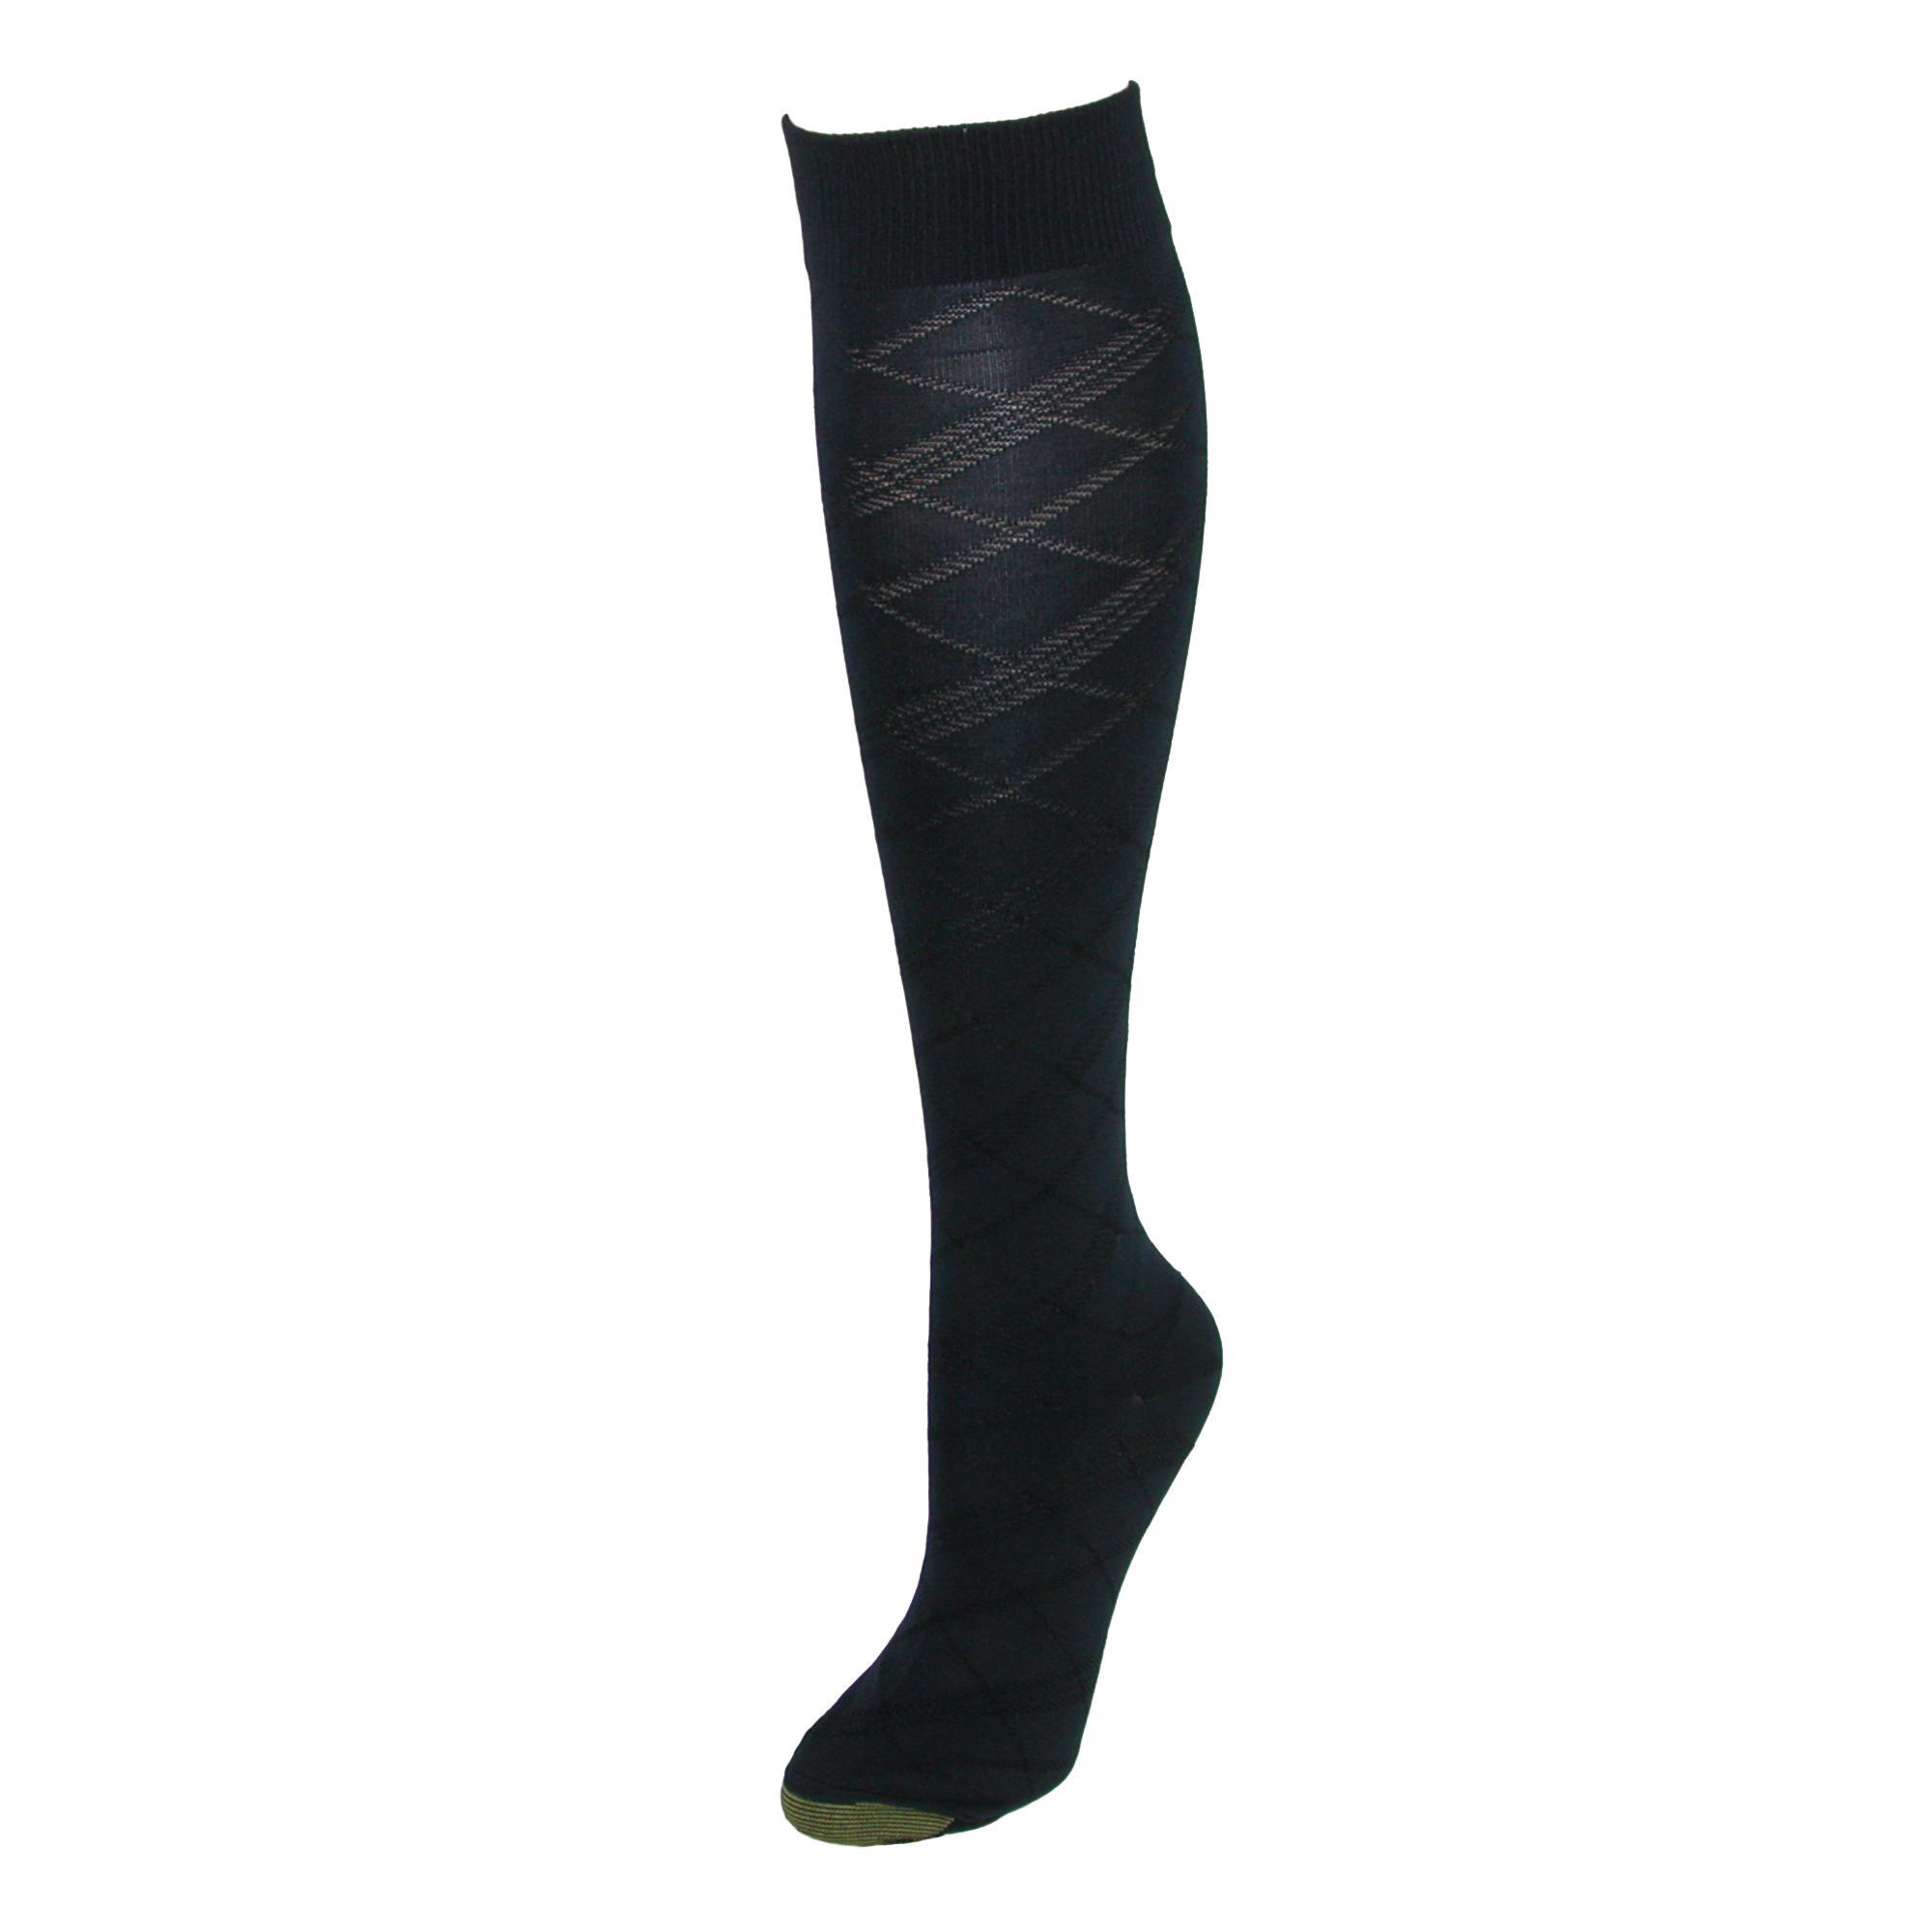 8d2553043 New Gold Toe Women s Patterned Knee High Socks (2 Pair Pack)